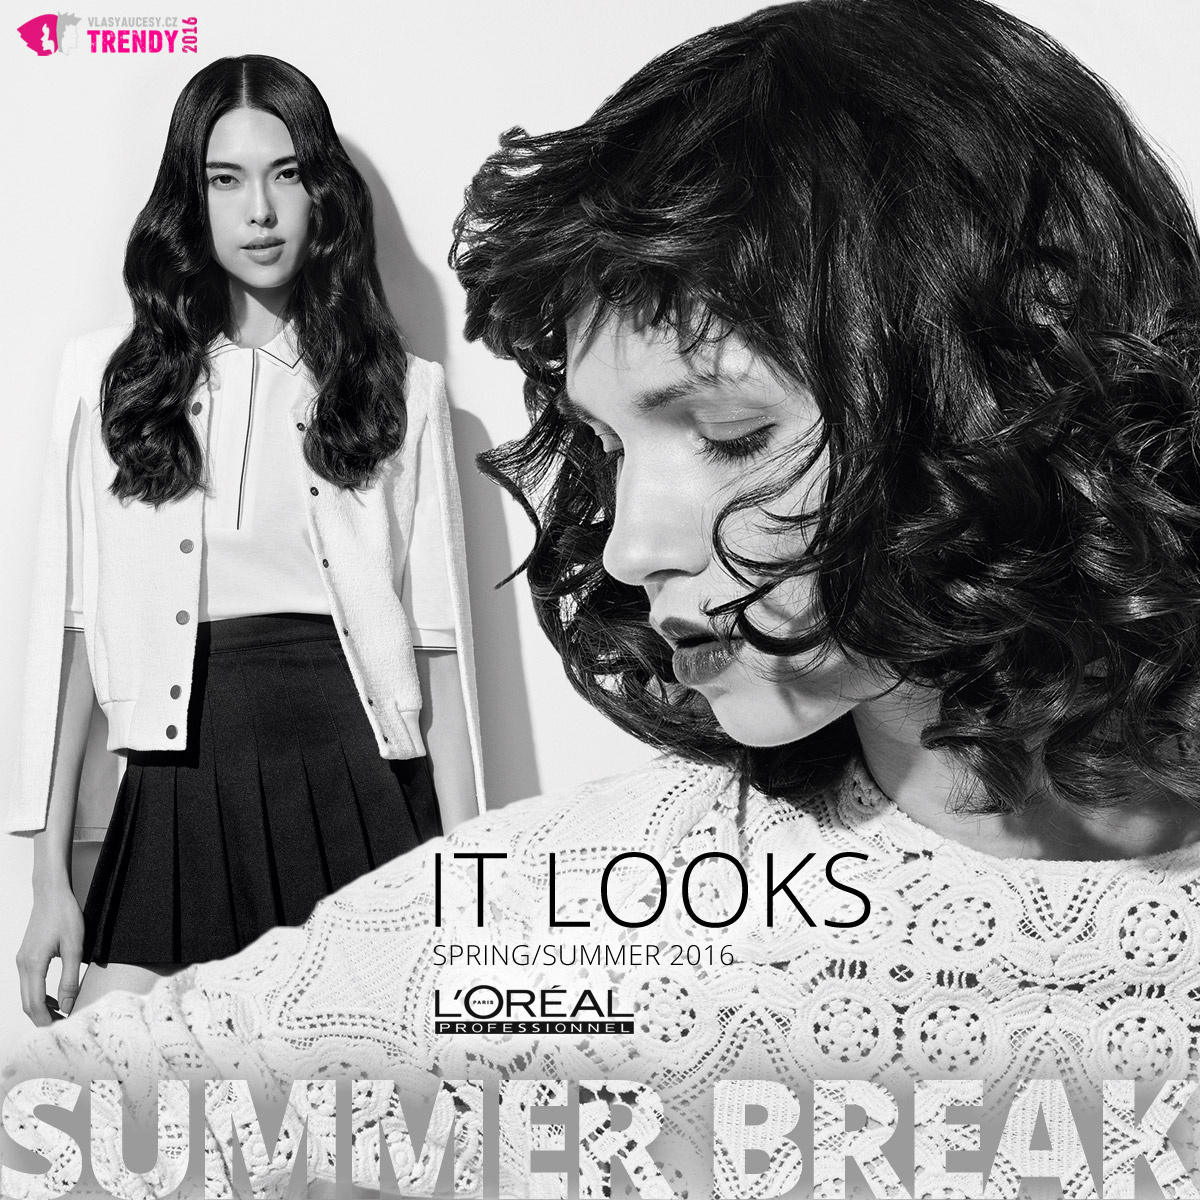 L'Oréal Professionnel představuje své IT looks SS 2016. Pojďte se podívat na módní trendy pro jarní a letní účesy 2016.